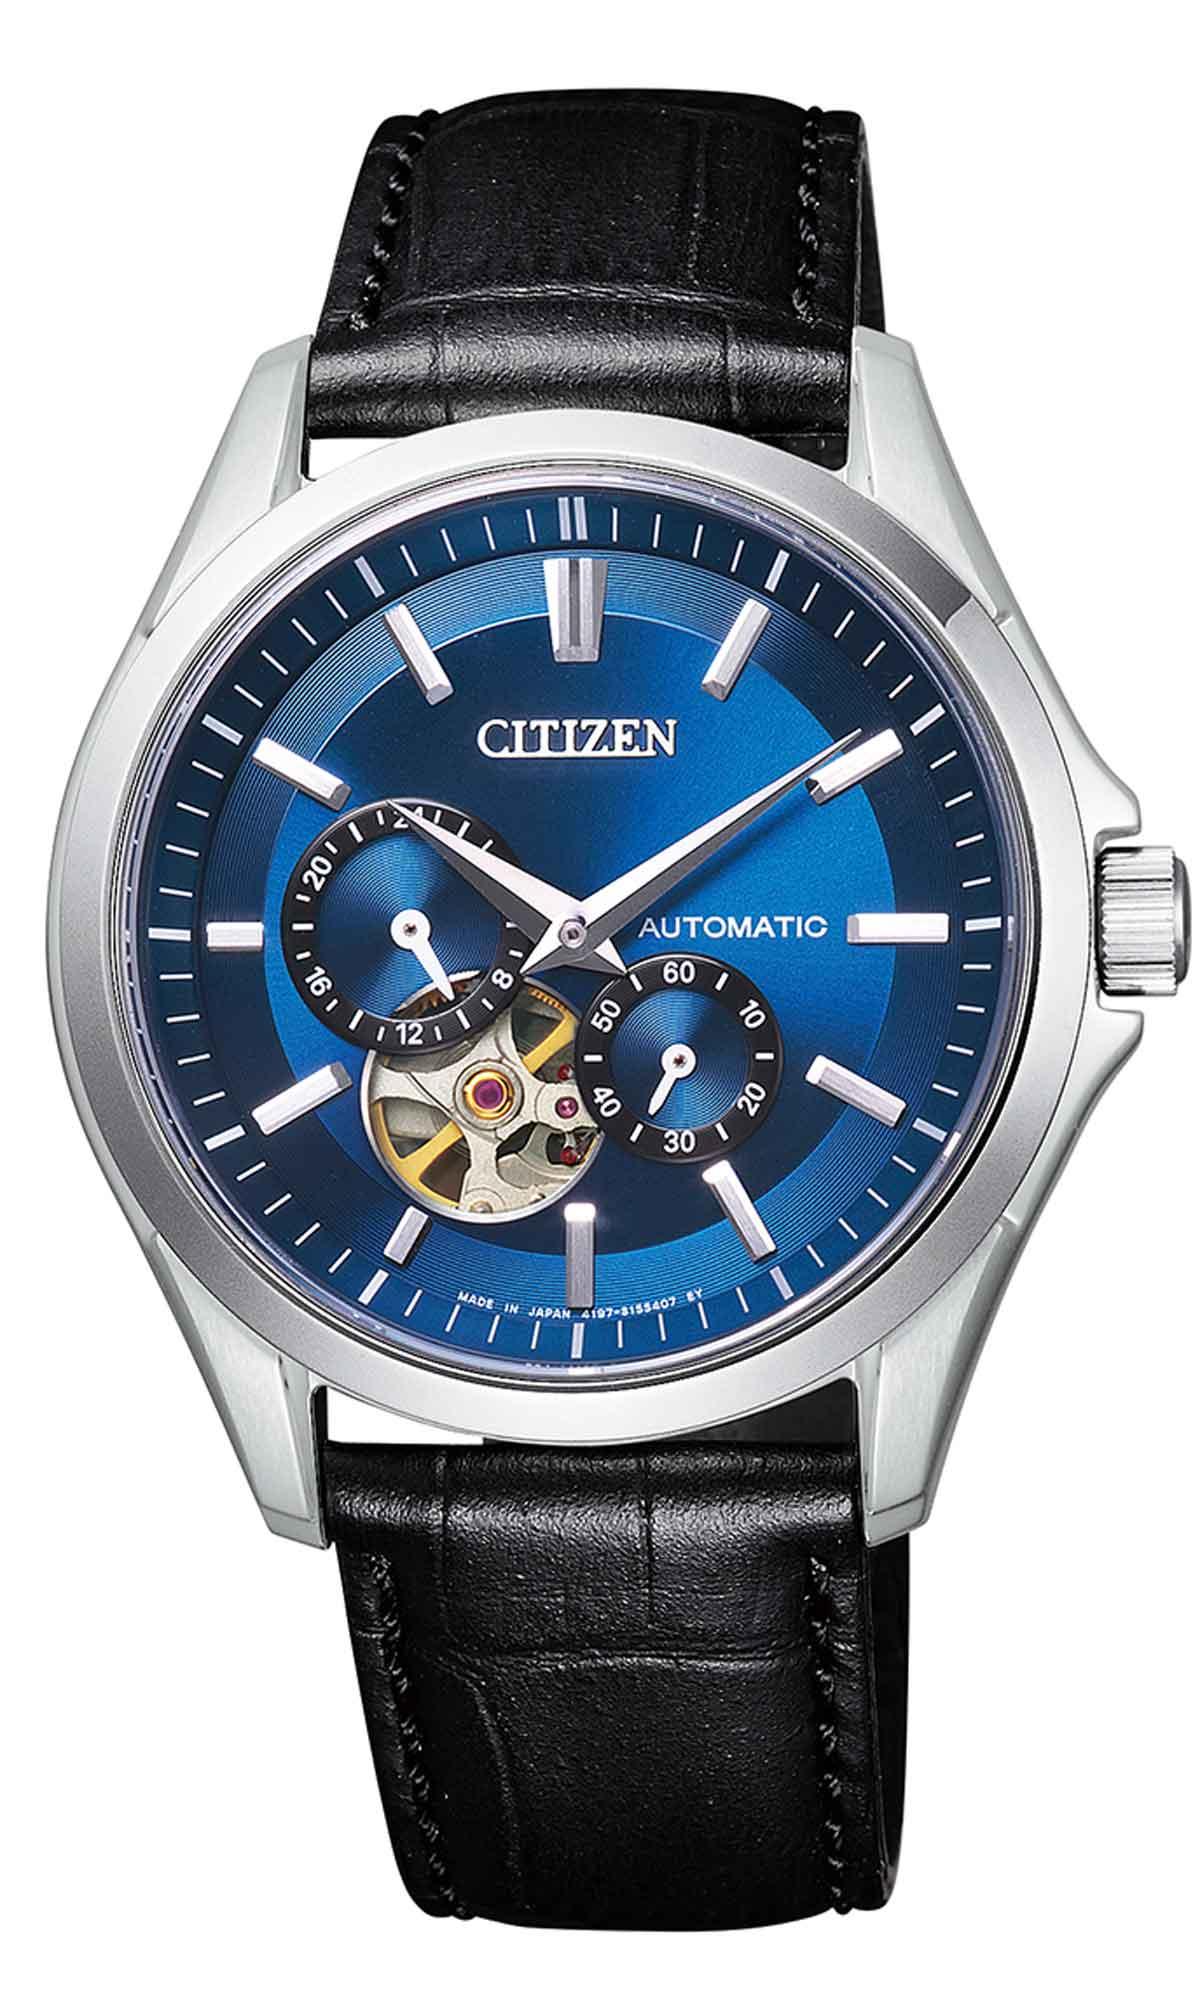 00f5cfcea3 おすすめの機械式時計ブランド2. CITIZEN Collection <シチズンコレクション/4万4000円> 手元を華やかに飾る、  色鮮やかなロイヤルブルー